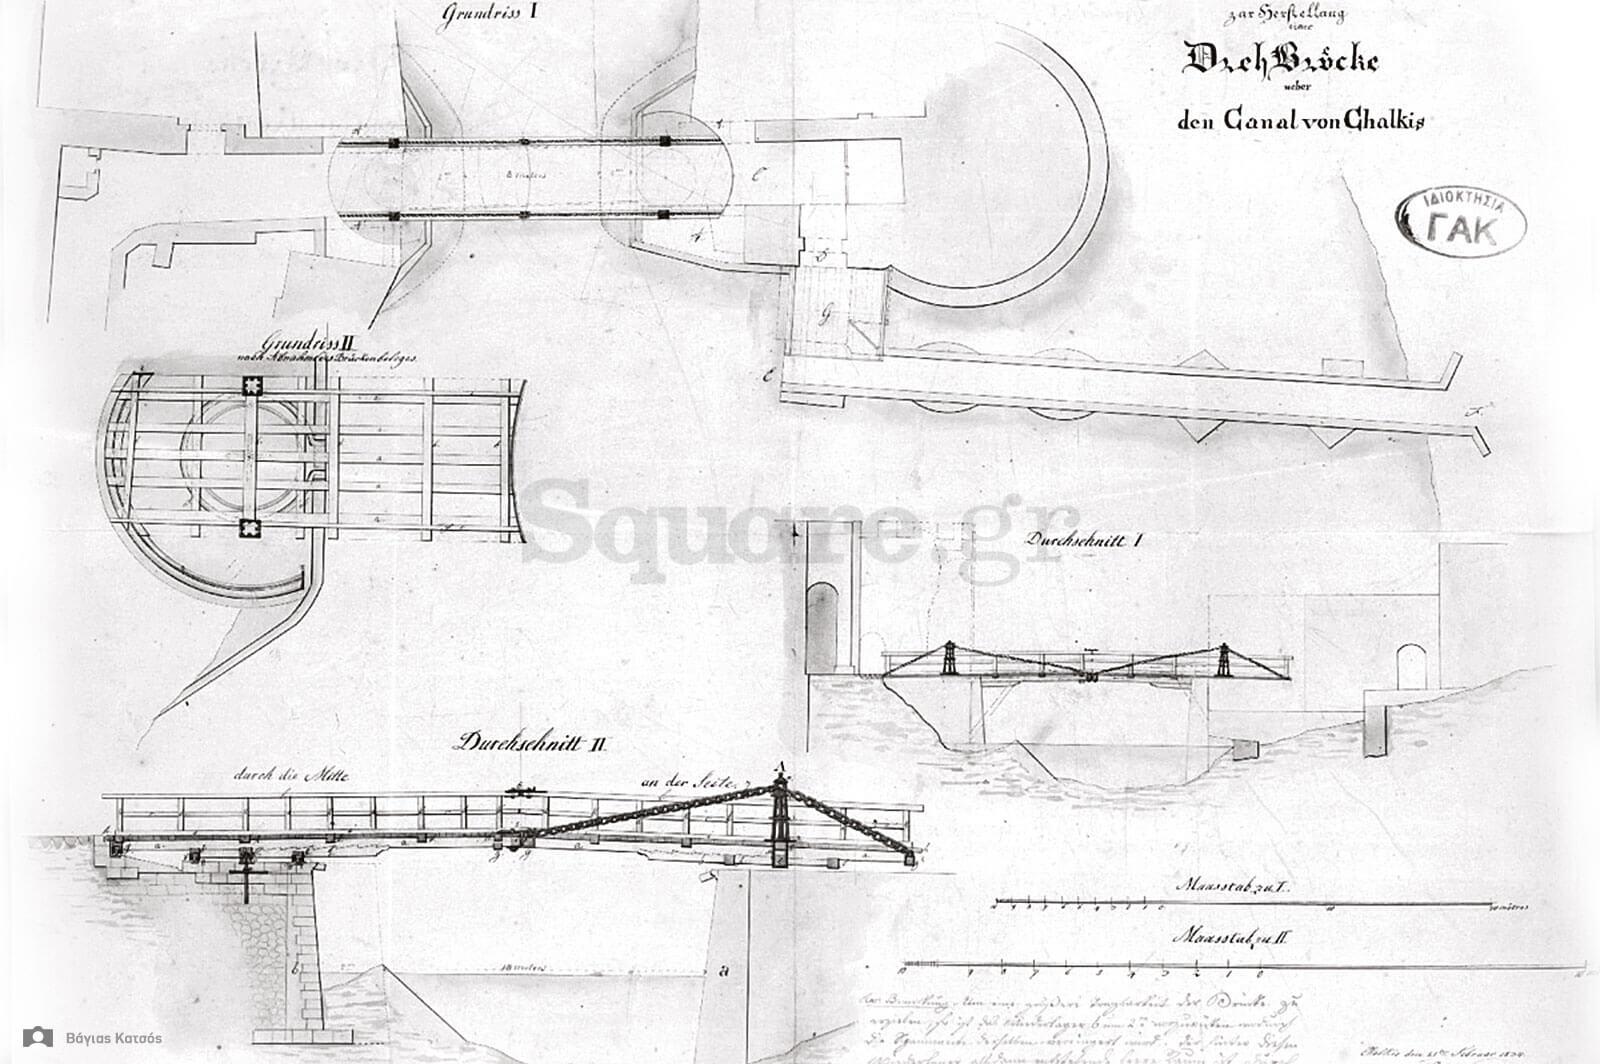 12-Διάφορα-αυθεντικά-σχέδια-της-Οθωνικής-γέφυρας-του-1858-Υπουργείο-Στρατιωτικών-περίοδος-Όθωνα-κεντρική-Υπηρεσία-ΓΑΚ